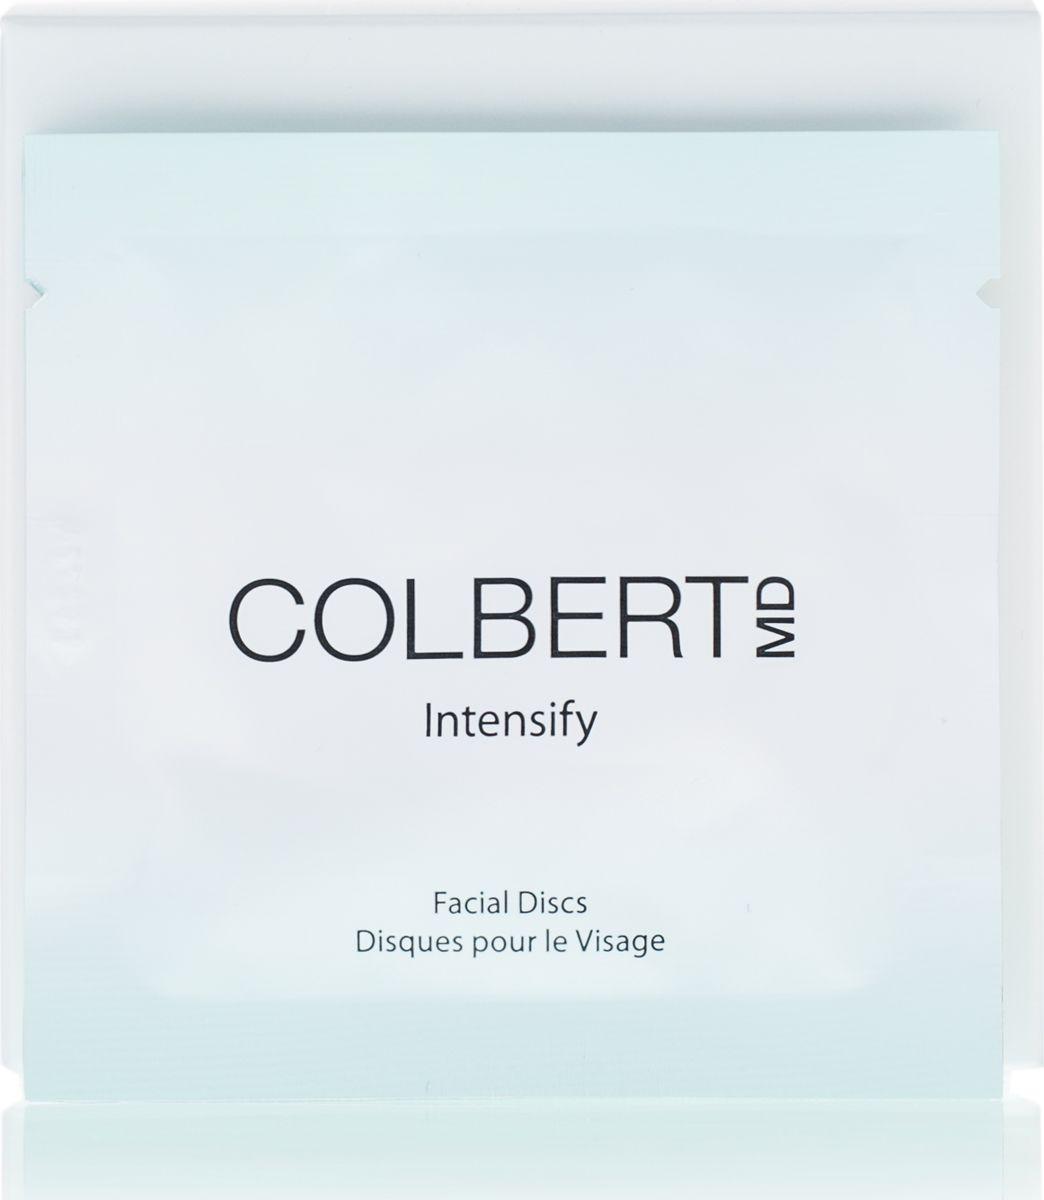 Colbert MD Диски косметические для лица Intensify, 20 штCMD0232Придают коже сияние благодаря сочетанию химического и механического пилинга, создают этапа эффект микродермобразии из Триады ухода. Моментально делают кожу яркой и сияющей. Диски способствуют естественному процессу восстановления кожи, удаляя отмершие клетки и очищая поры, что позволяет вывести на поверхность свежеобразованные здоровые и сияющие клетки кожи (механическим путем)